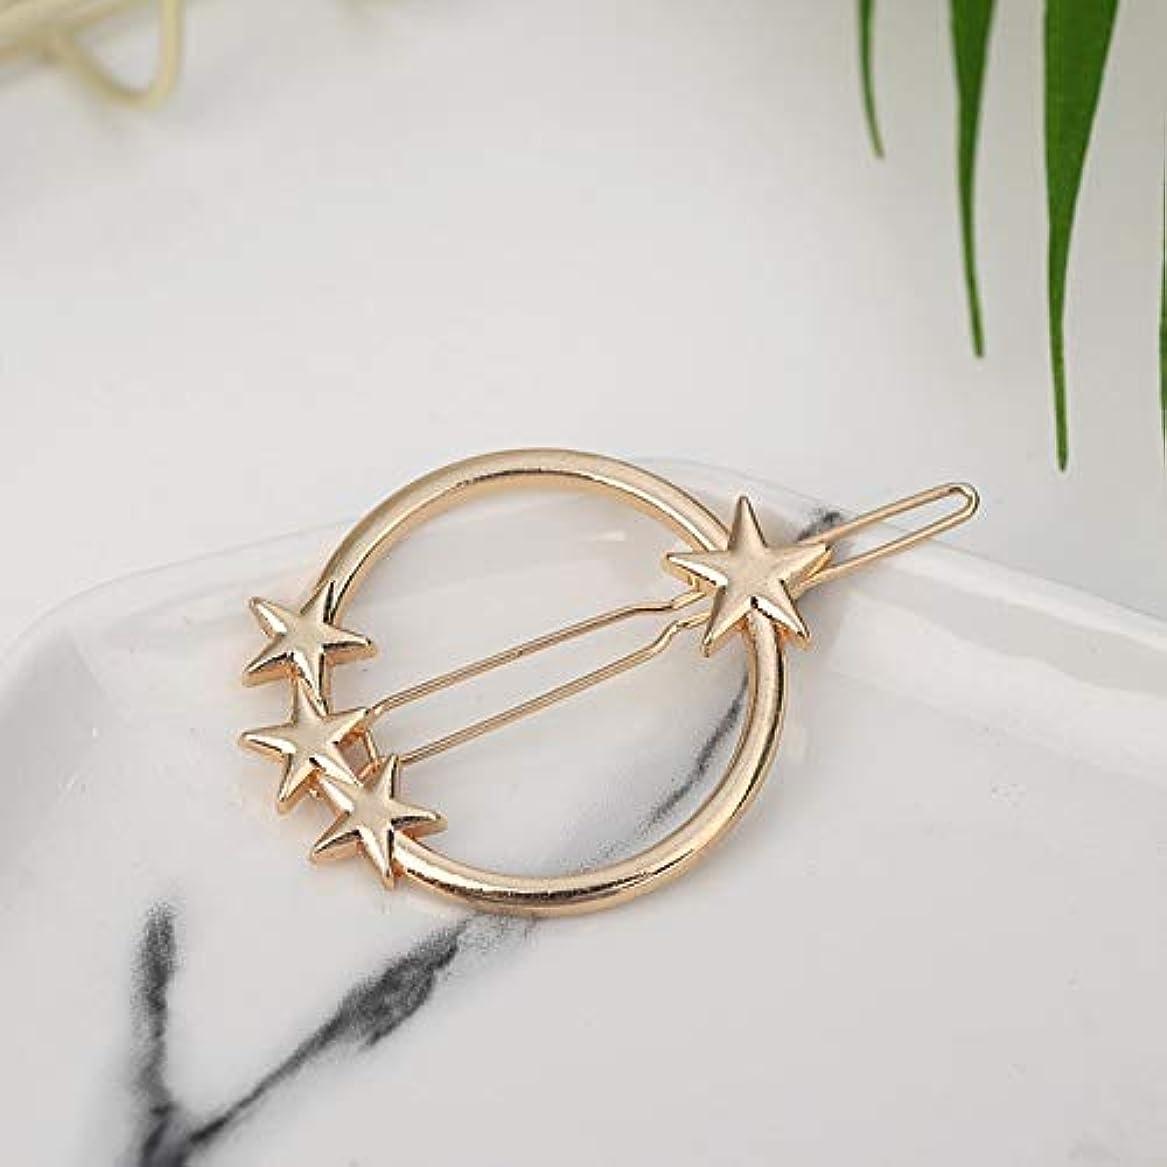 落ち着くスパーク平和Hairpinheair YHM 2ピースファッション女性ヘアアクセサリートライアングルヘアクリップピンメタル幾何学的合金ヘアバンド(ムーンゴールド) (色 : Round-star gold)